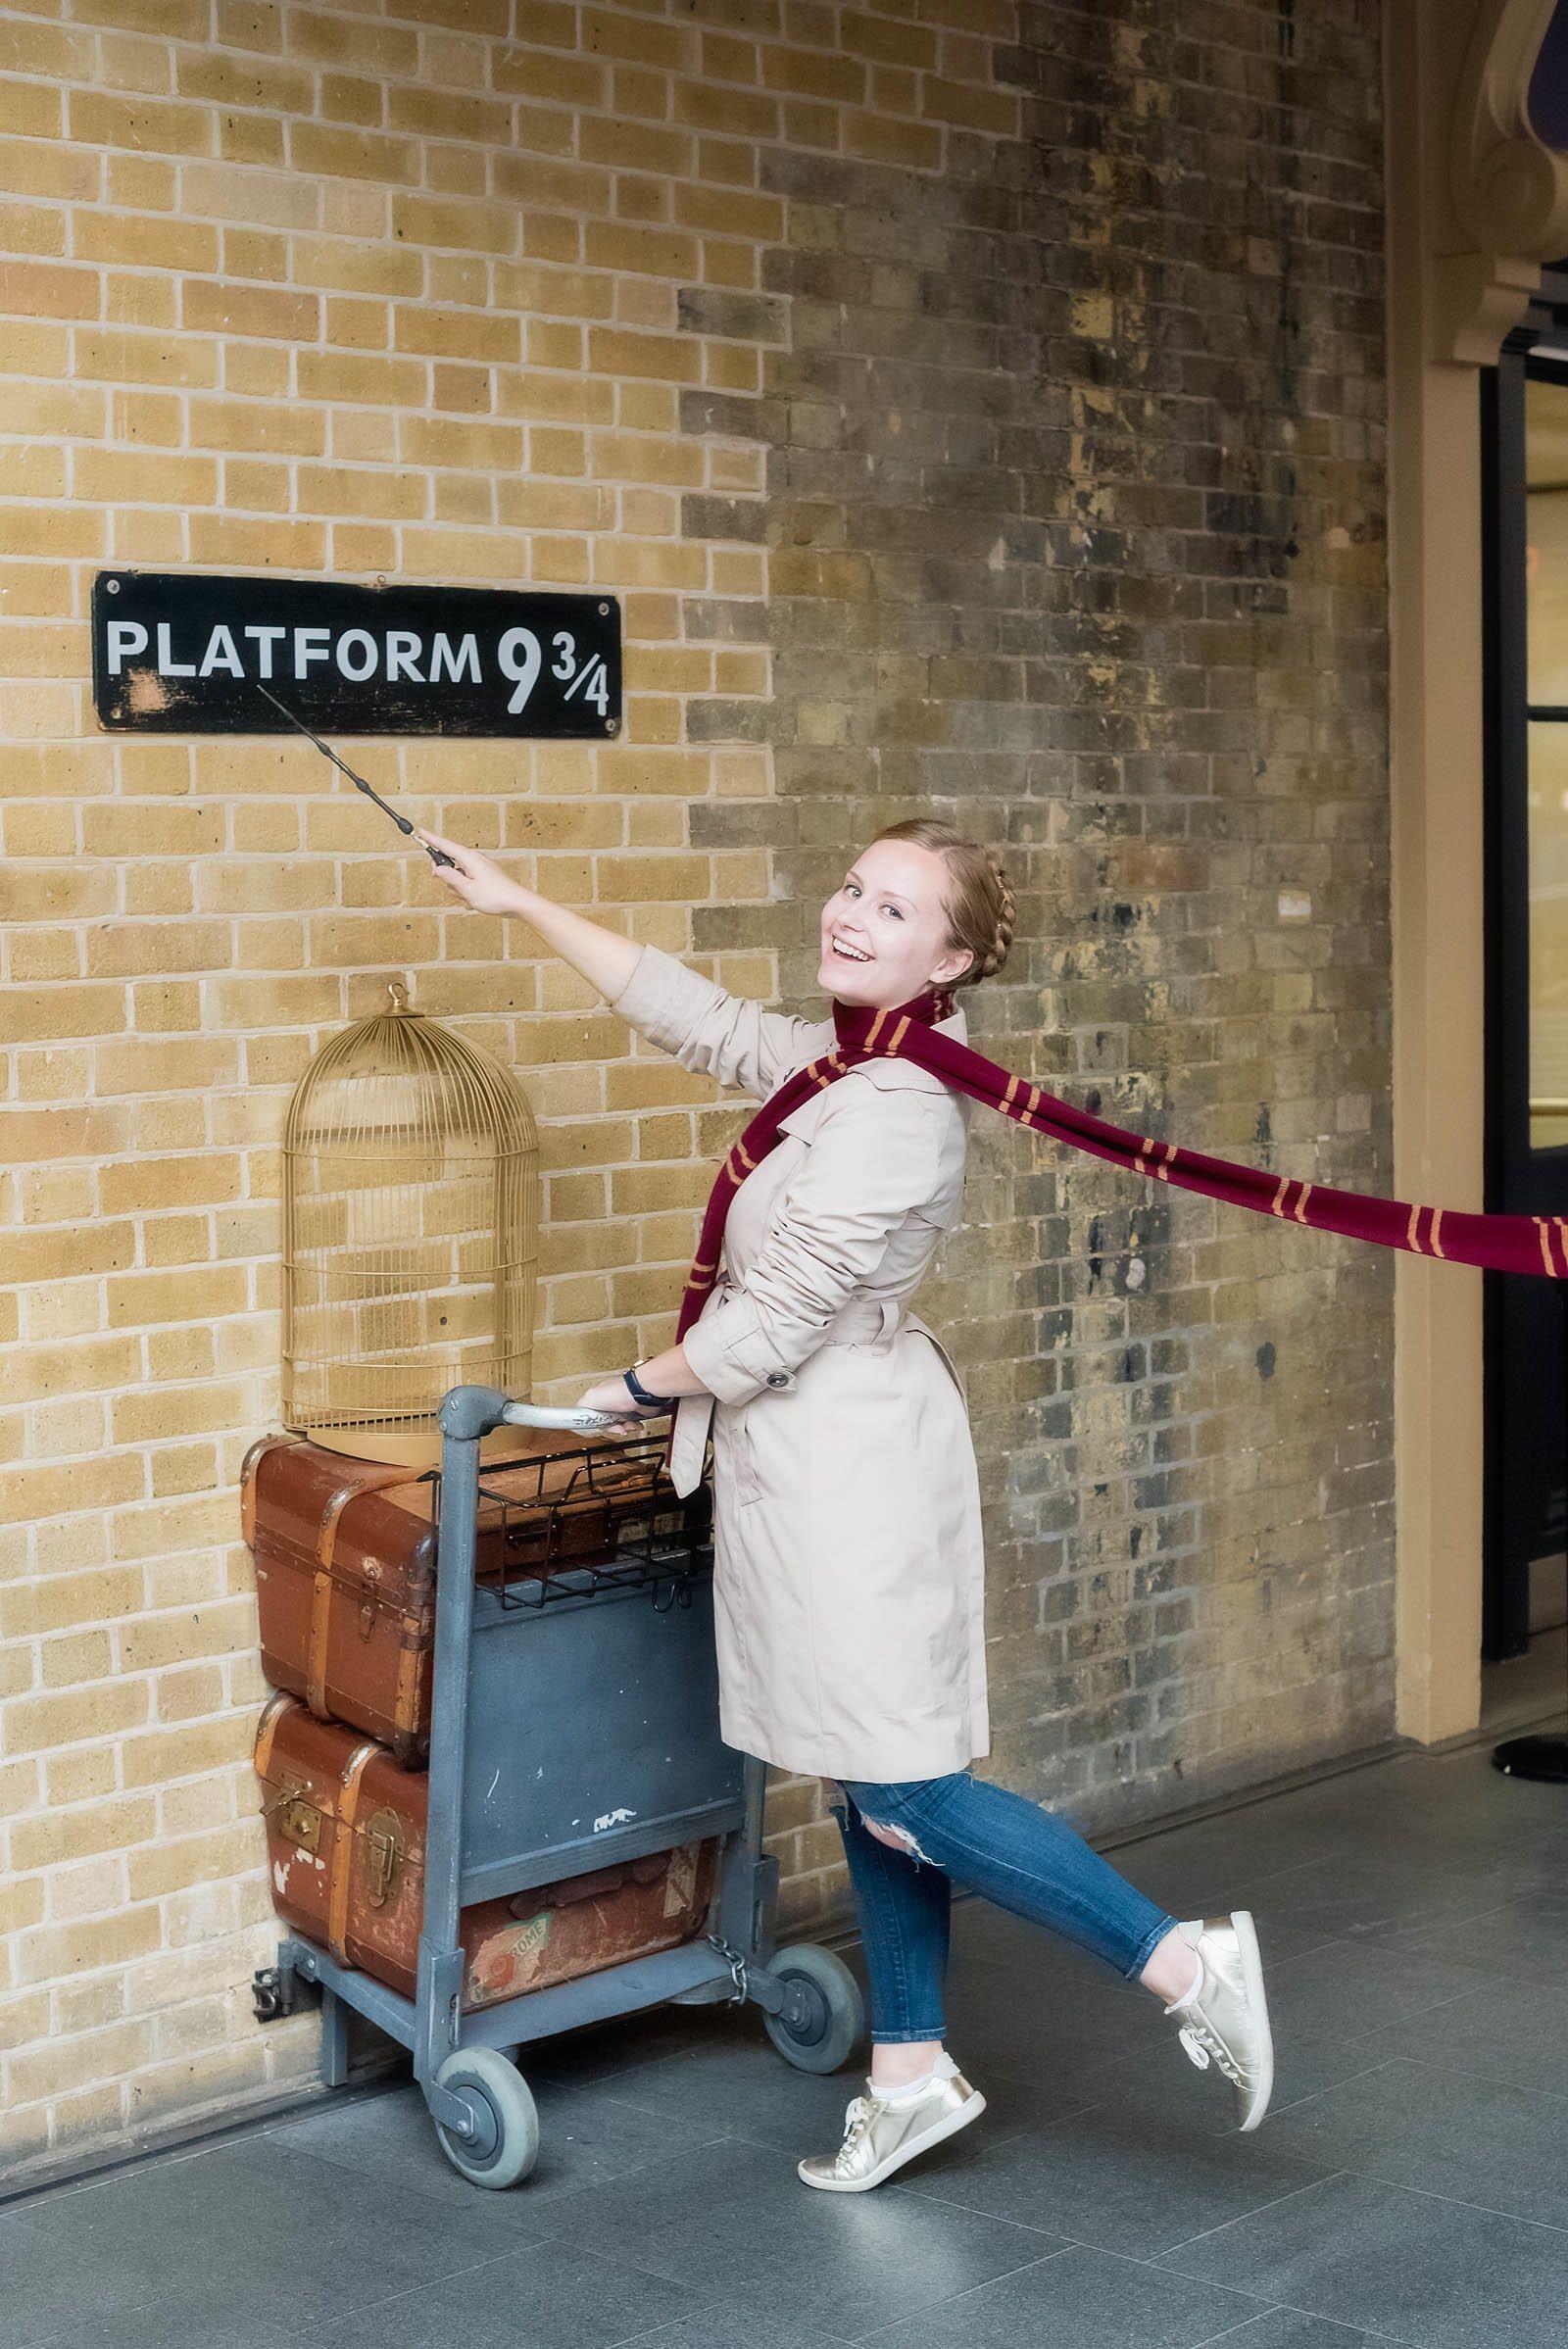 London Platform 9 3 4 Sed Bona Harry Potter Kings Cross Harry Potter London Kings Cross Station